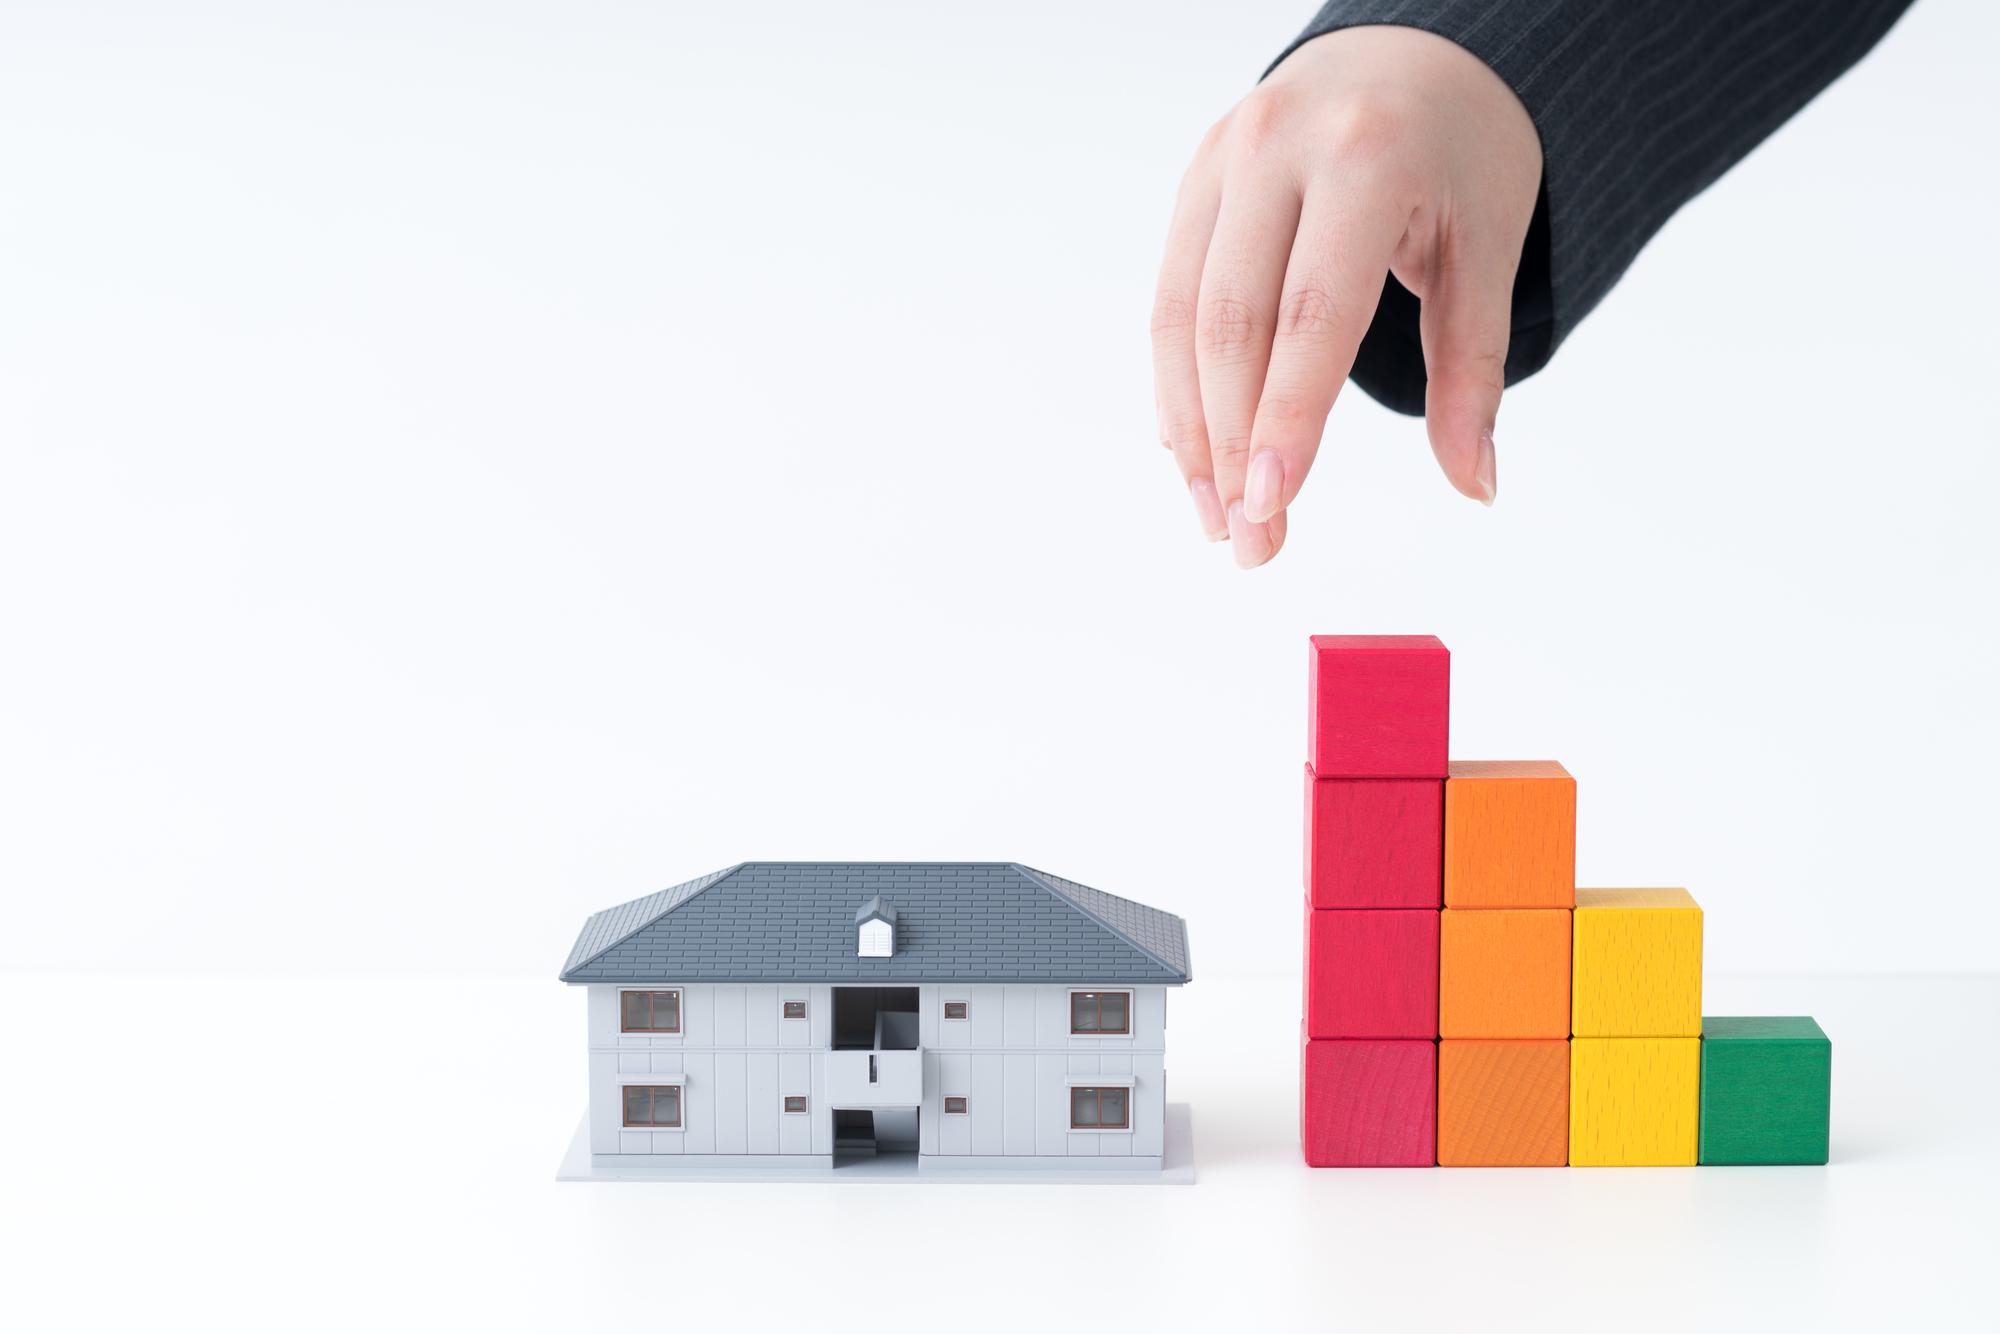 9月22日前に「住居」の徹底見直しと改善を急ぎましょう!!